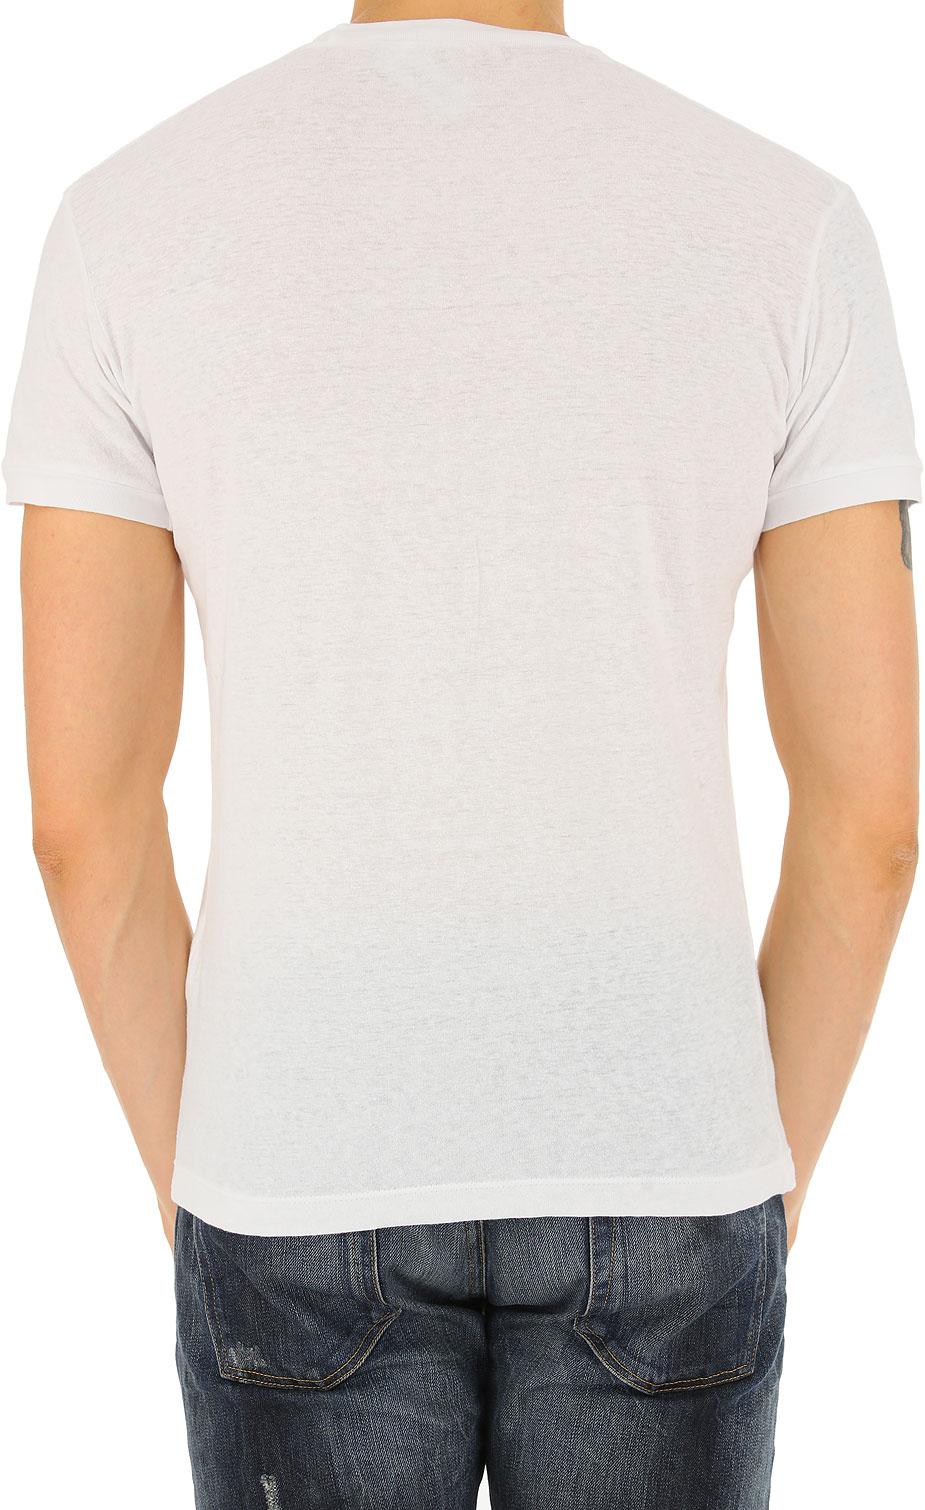 Abbigliamento Uomo Dsquared, Codice Articolo: gd0642-s22507-100